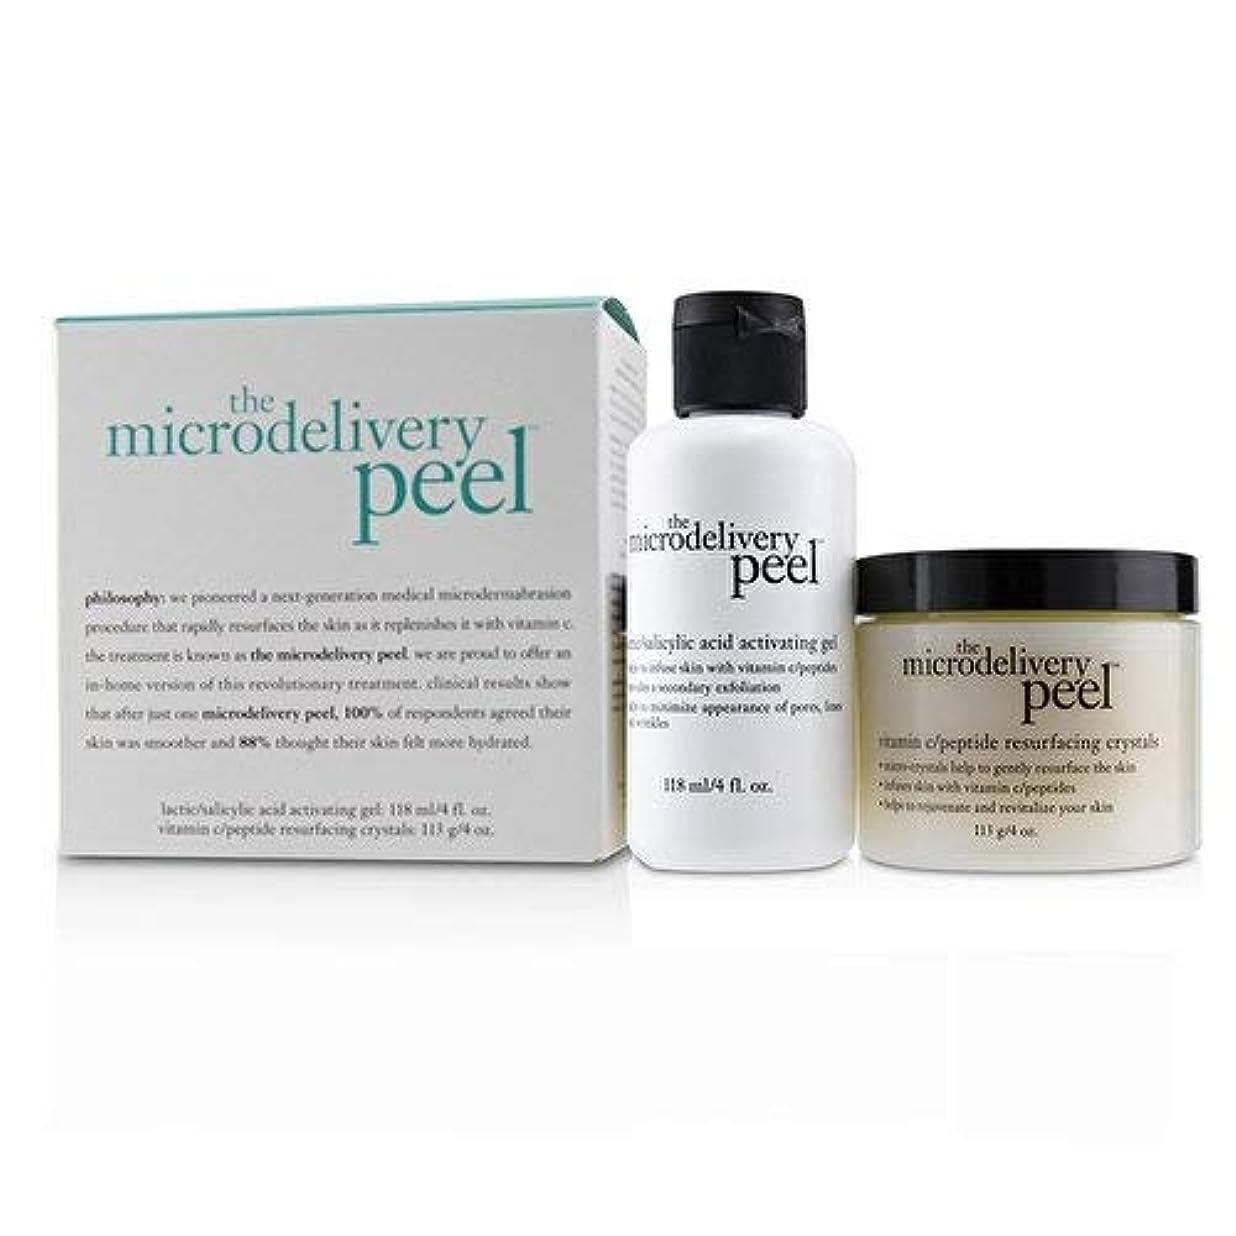 ロビー桃危険フィロソフィー The Microdelivery Peel: Lactic/Salicylic Acid Activating Gel 118ml + Vitamin C/Peptide Resurfacing Crystals...